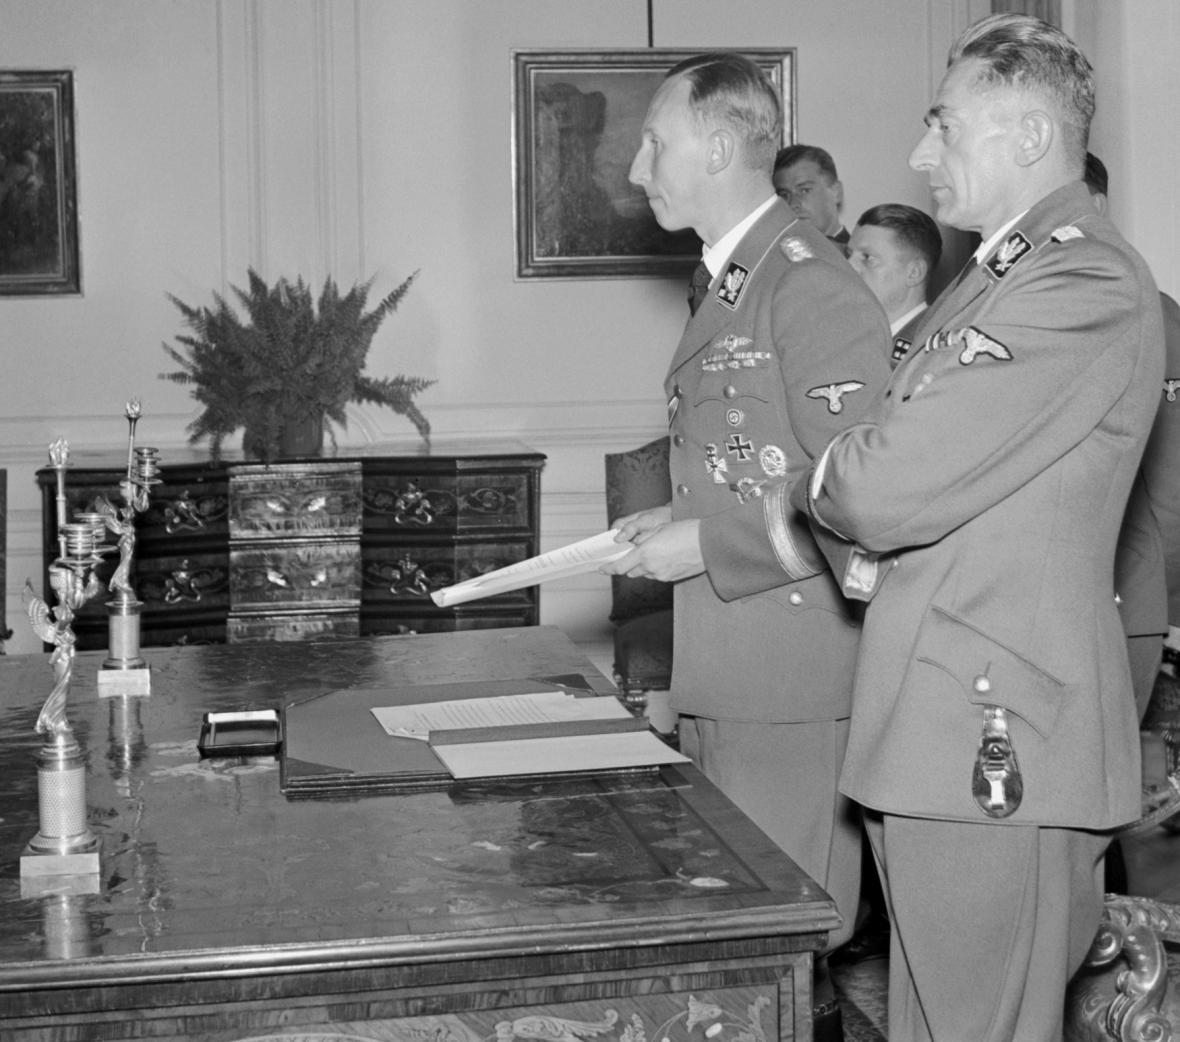 Frank s Heydrichem